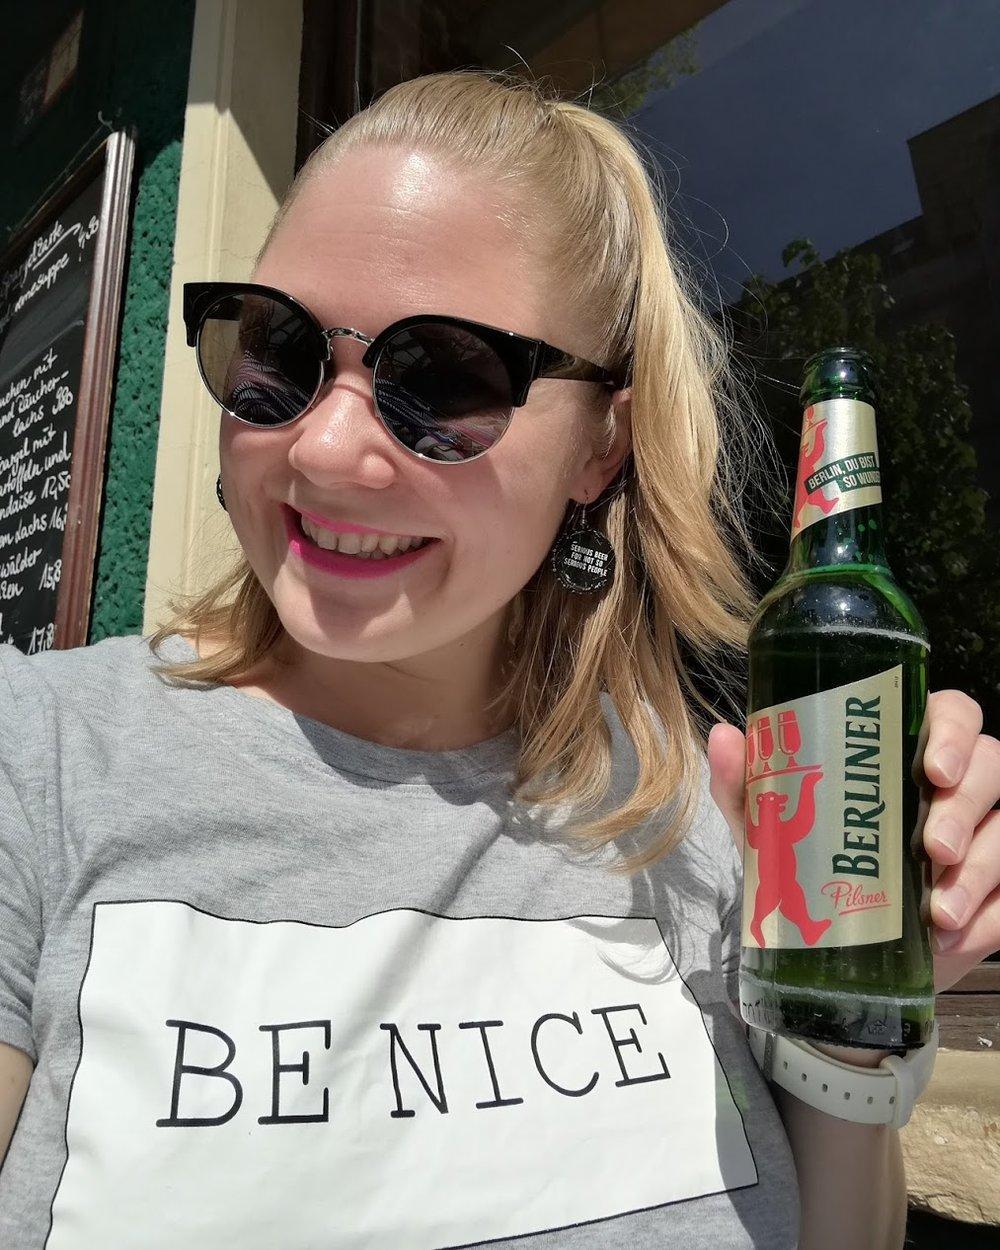 """""""Berlin, du bist so wunderbar"""" står det på ölflaskan och jag är ju benägen att hålla med."""